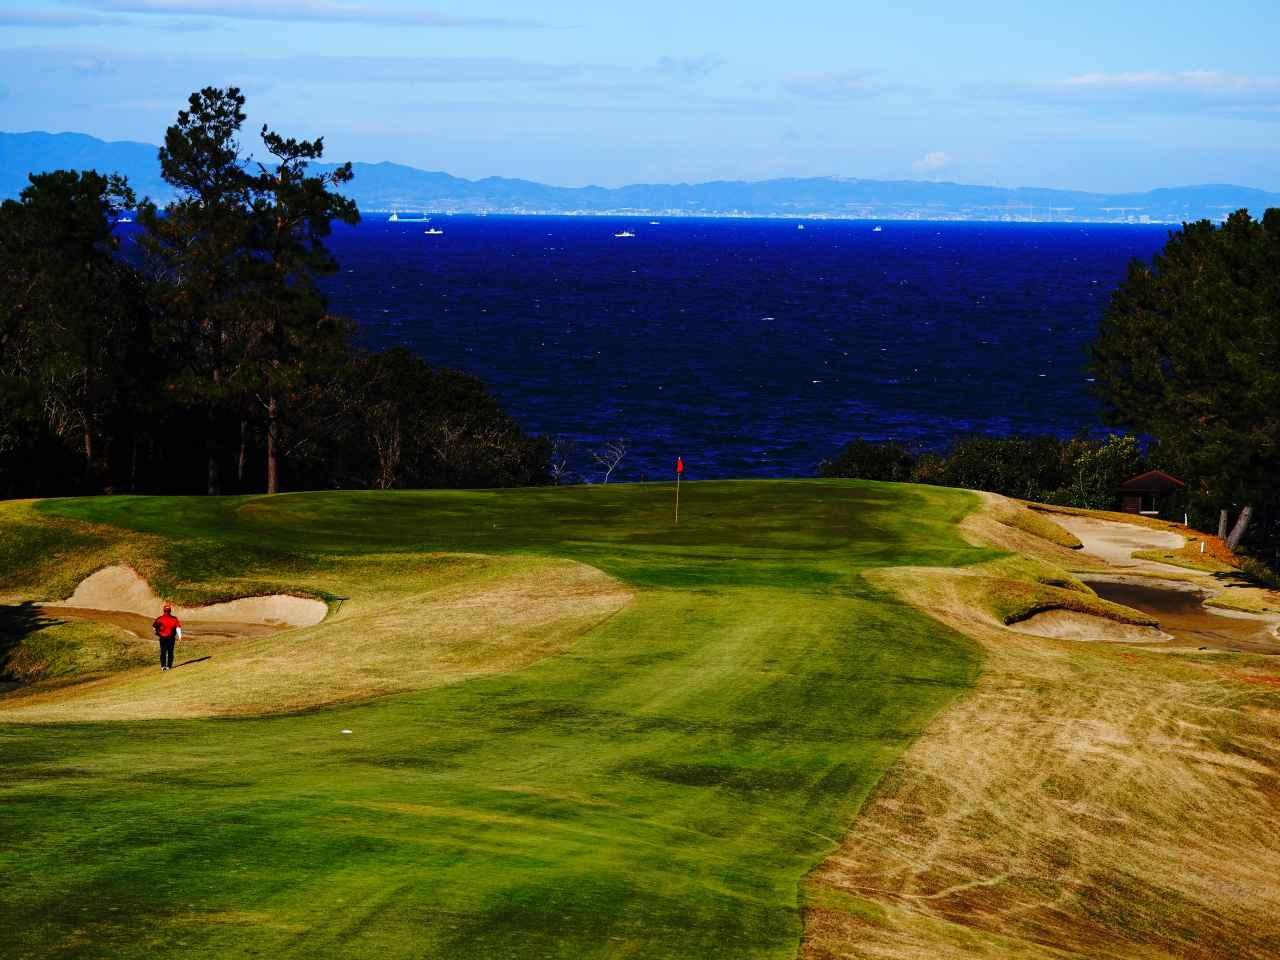 Images : 3番目の画像 - 大阪ゴルフクラブ - ゴルフへ行こうWEB by ゴルフダイジェスト